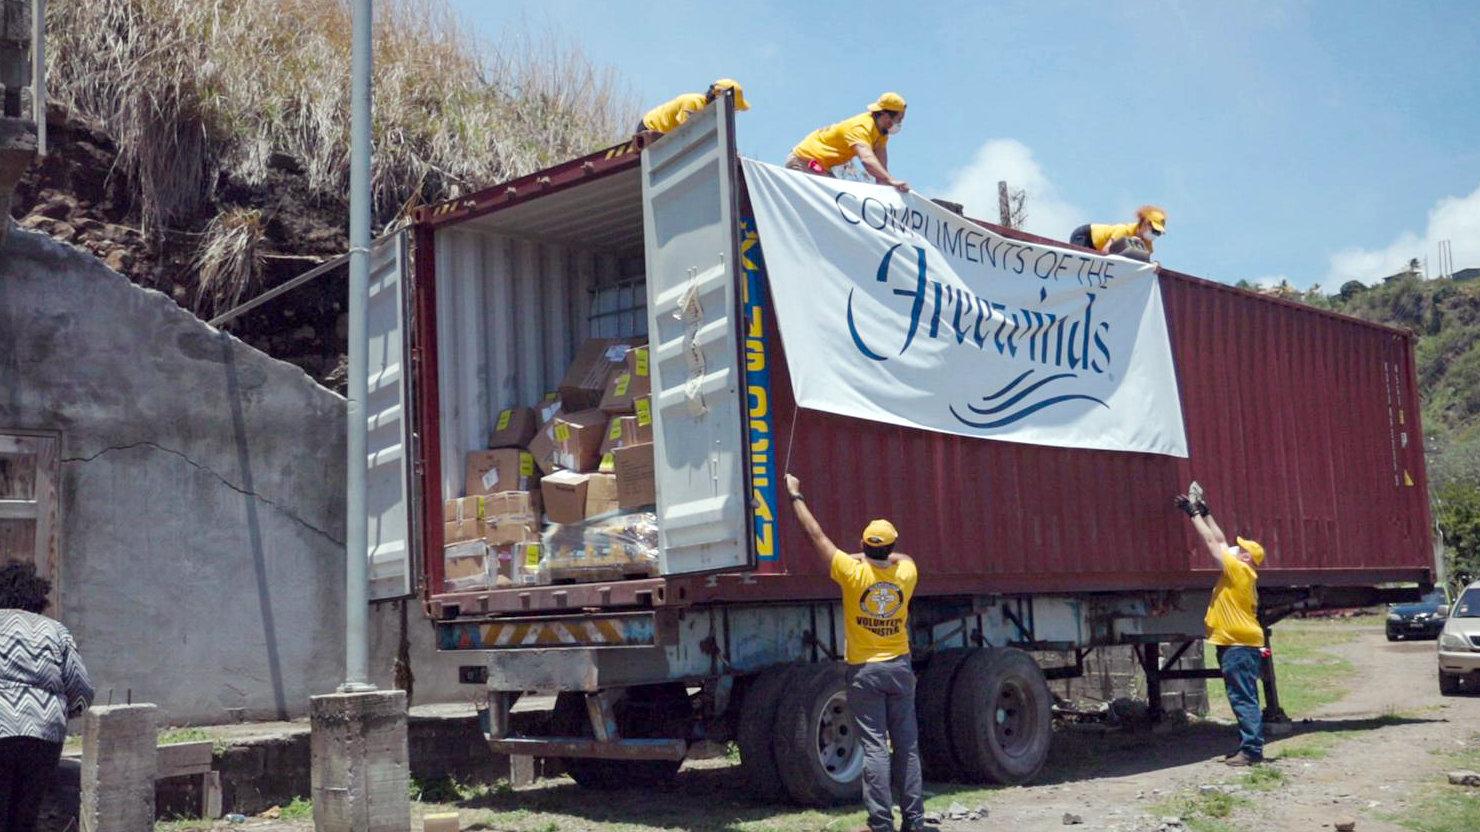 Una squadra di VM scarica un contenitore di vitali rifornimenti che la Freewinds ha inviato all'isola grazie al sostegno della IAS.